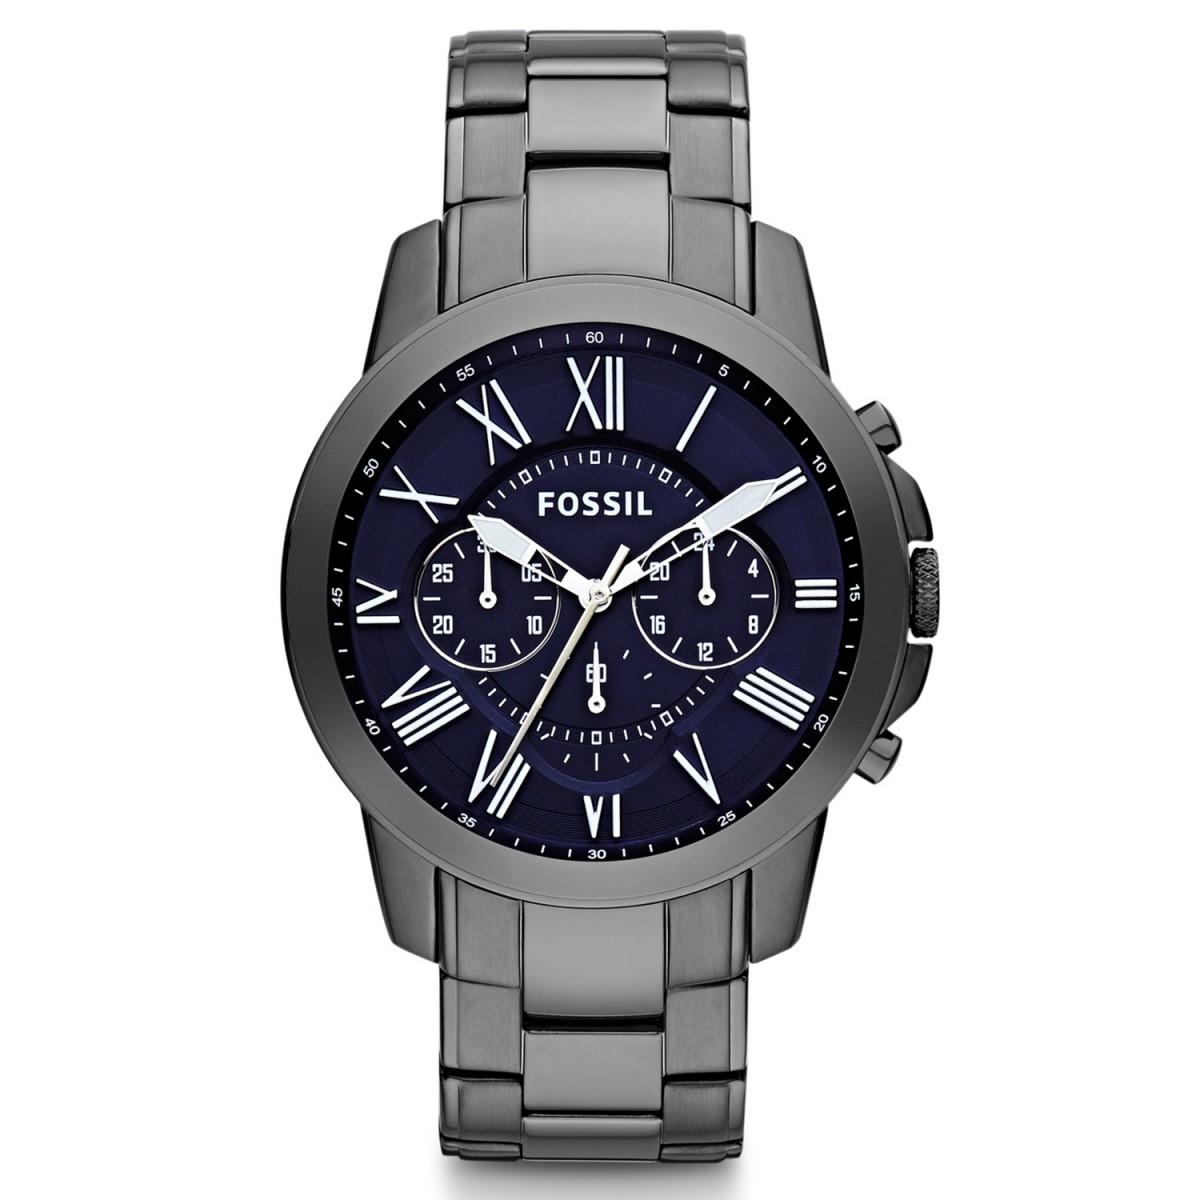 f74302c6150 Compre Relógio Fossil Grant em 10X